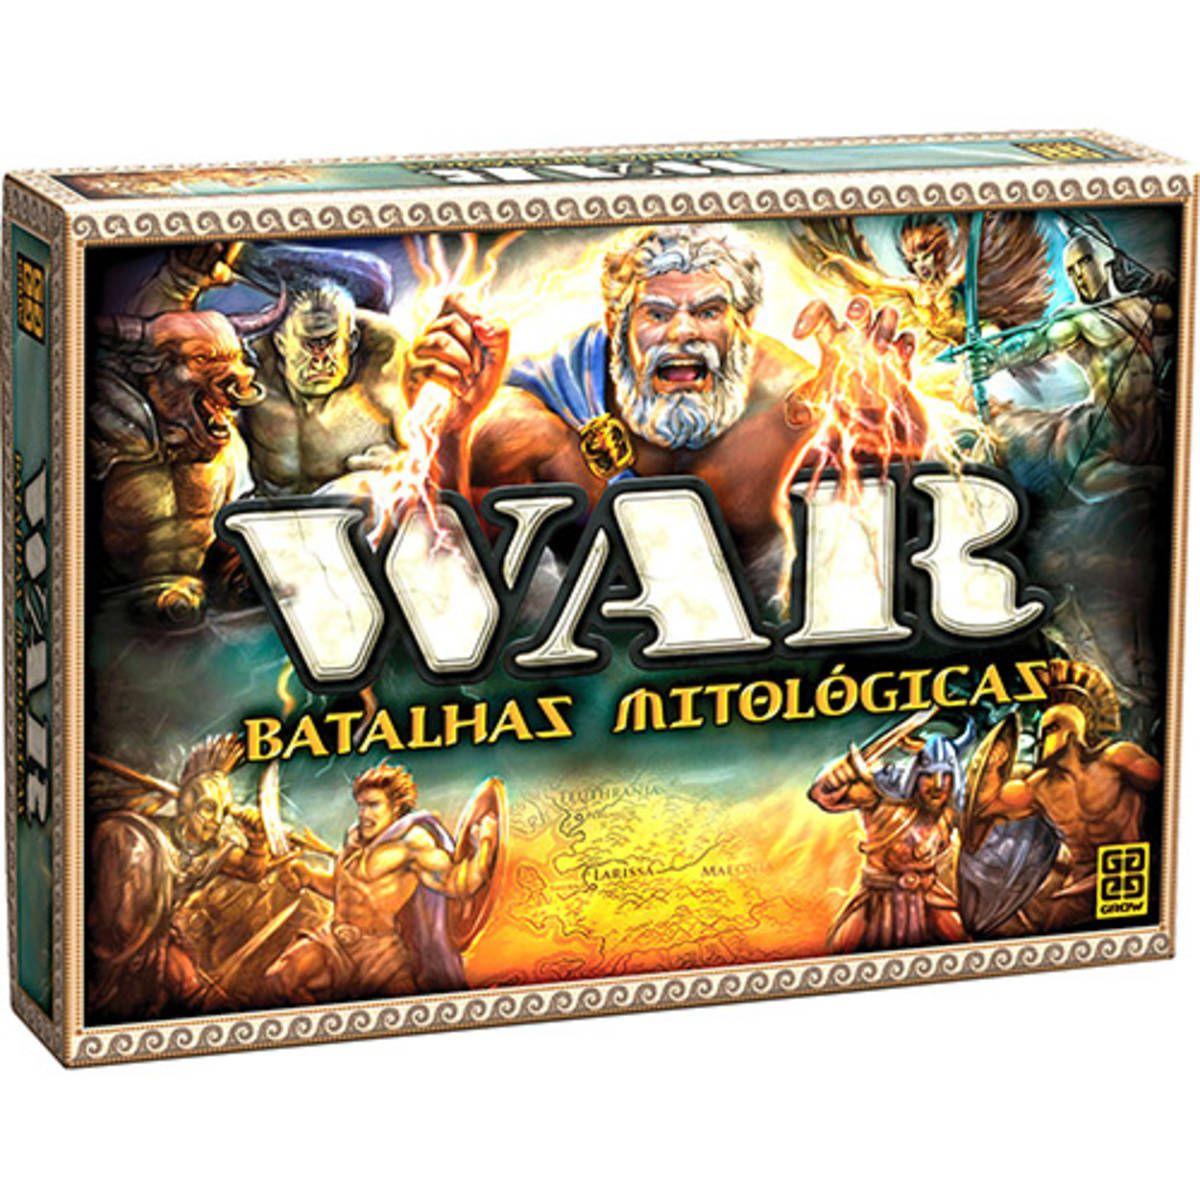 War Batalhas Mitologicas Jogo De Tabuleiro Grow Usado 13303885 Enjoei Jogos De Tabuleiro Jogos Tabuleiro